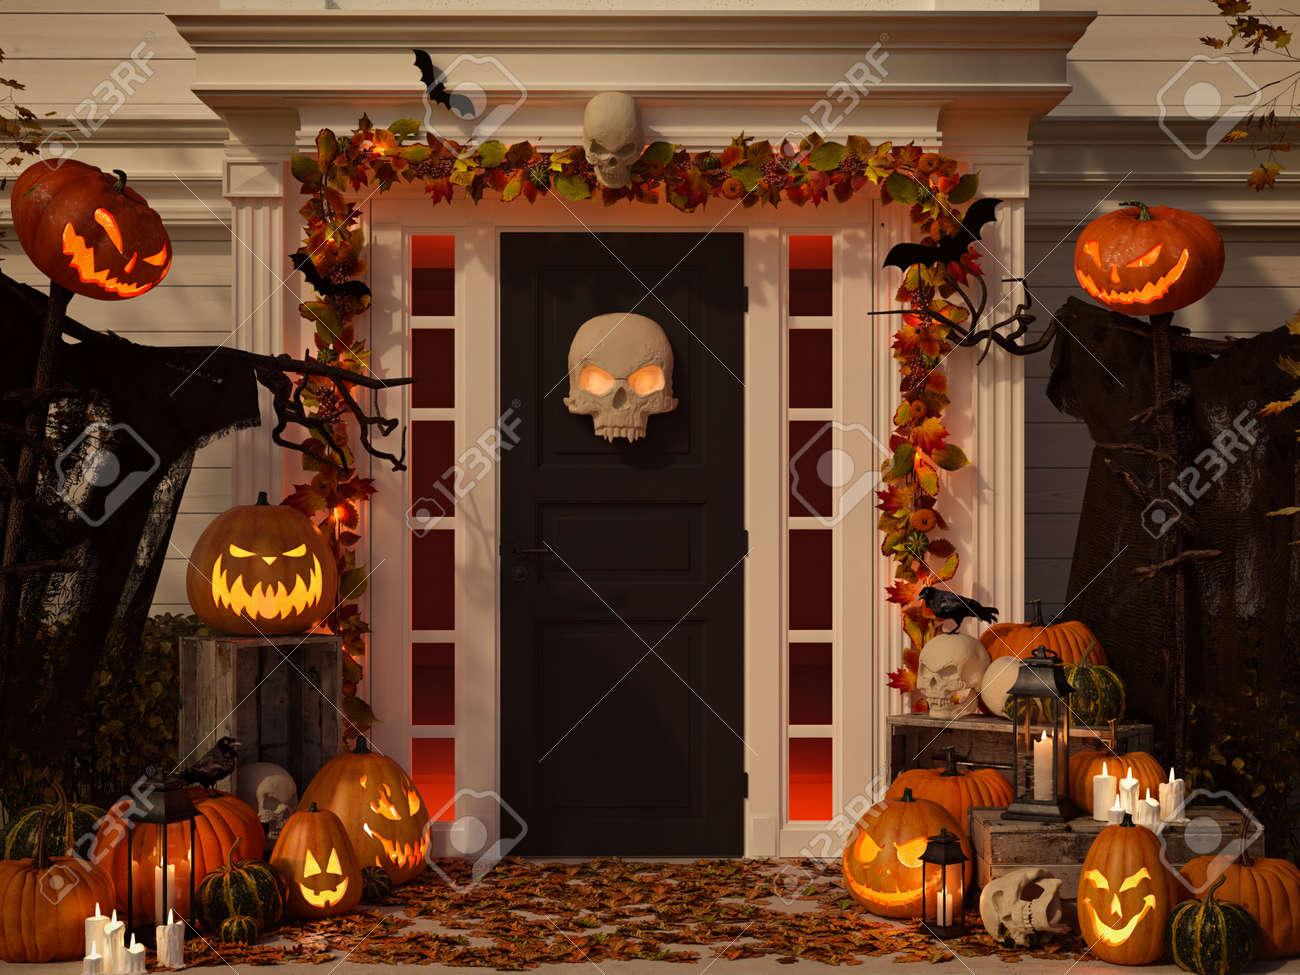 casa decorada de halloween con calabazas y escudos representacin 3d foto de archivo 88262027